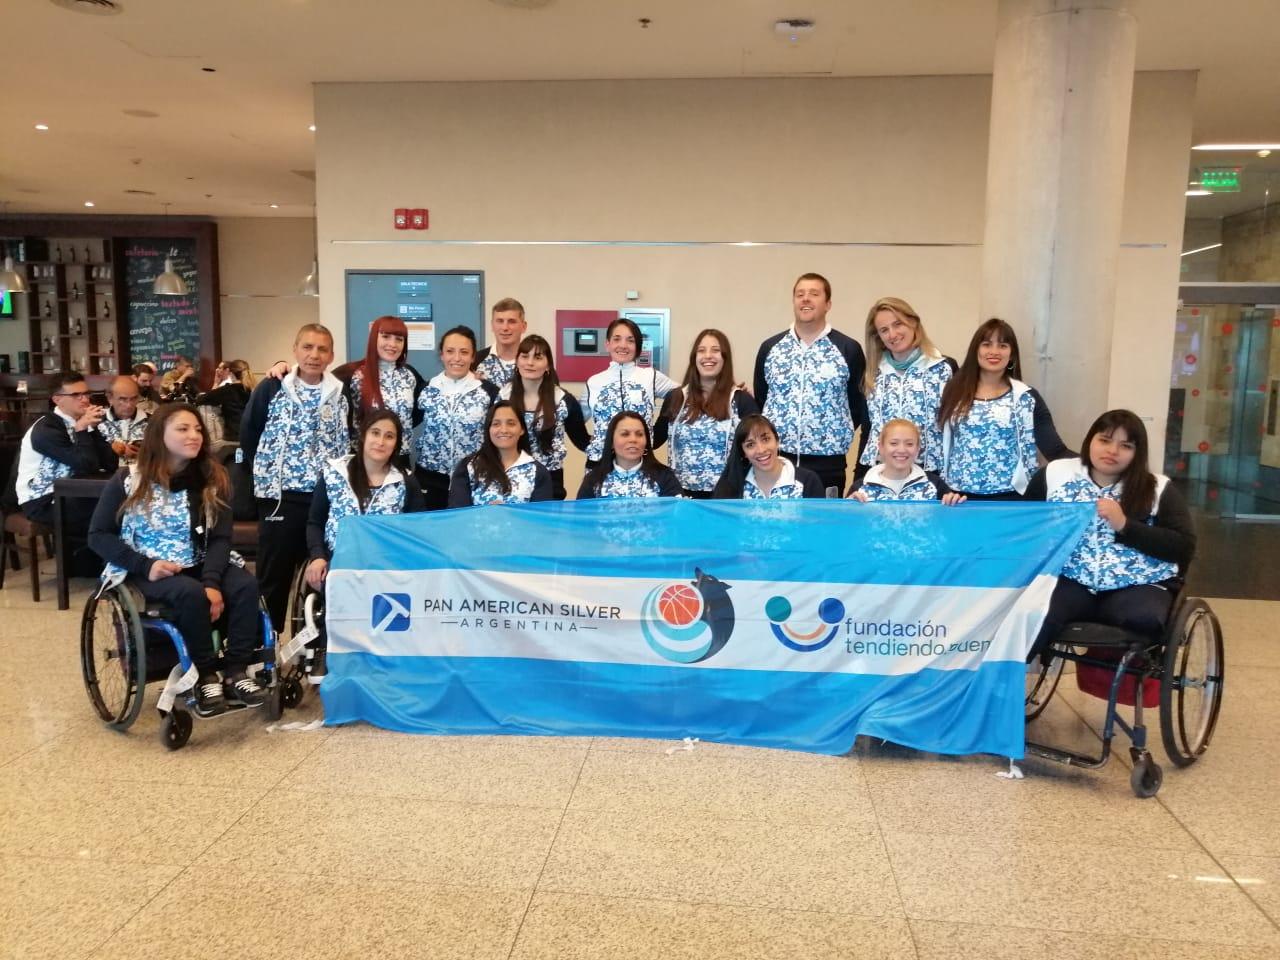 Pan American Silver renovó su apoyo a Las Lobas